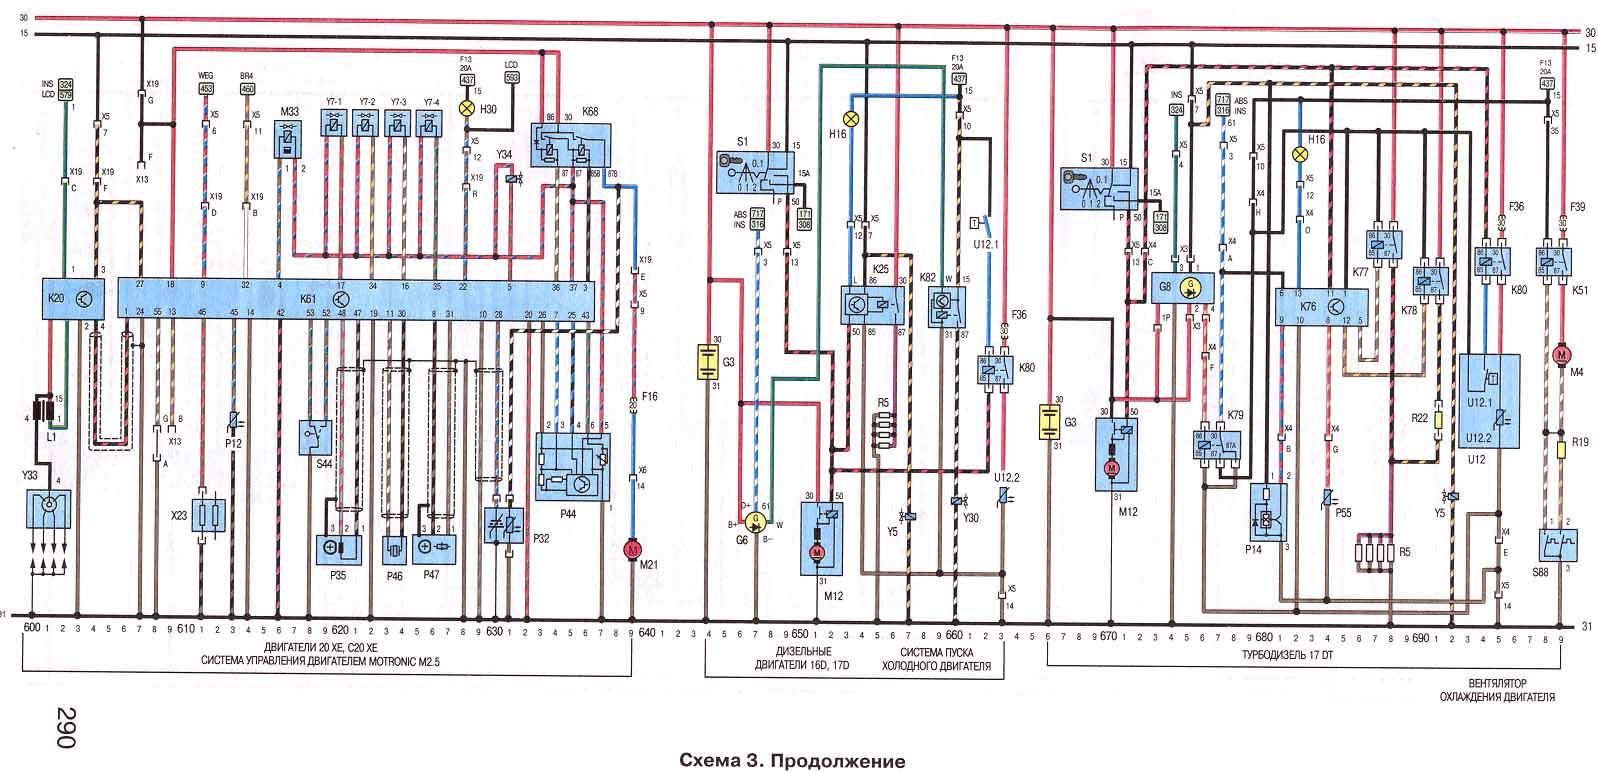 Опель синтра система охлаждения схема